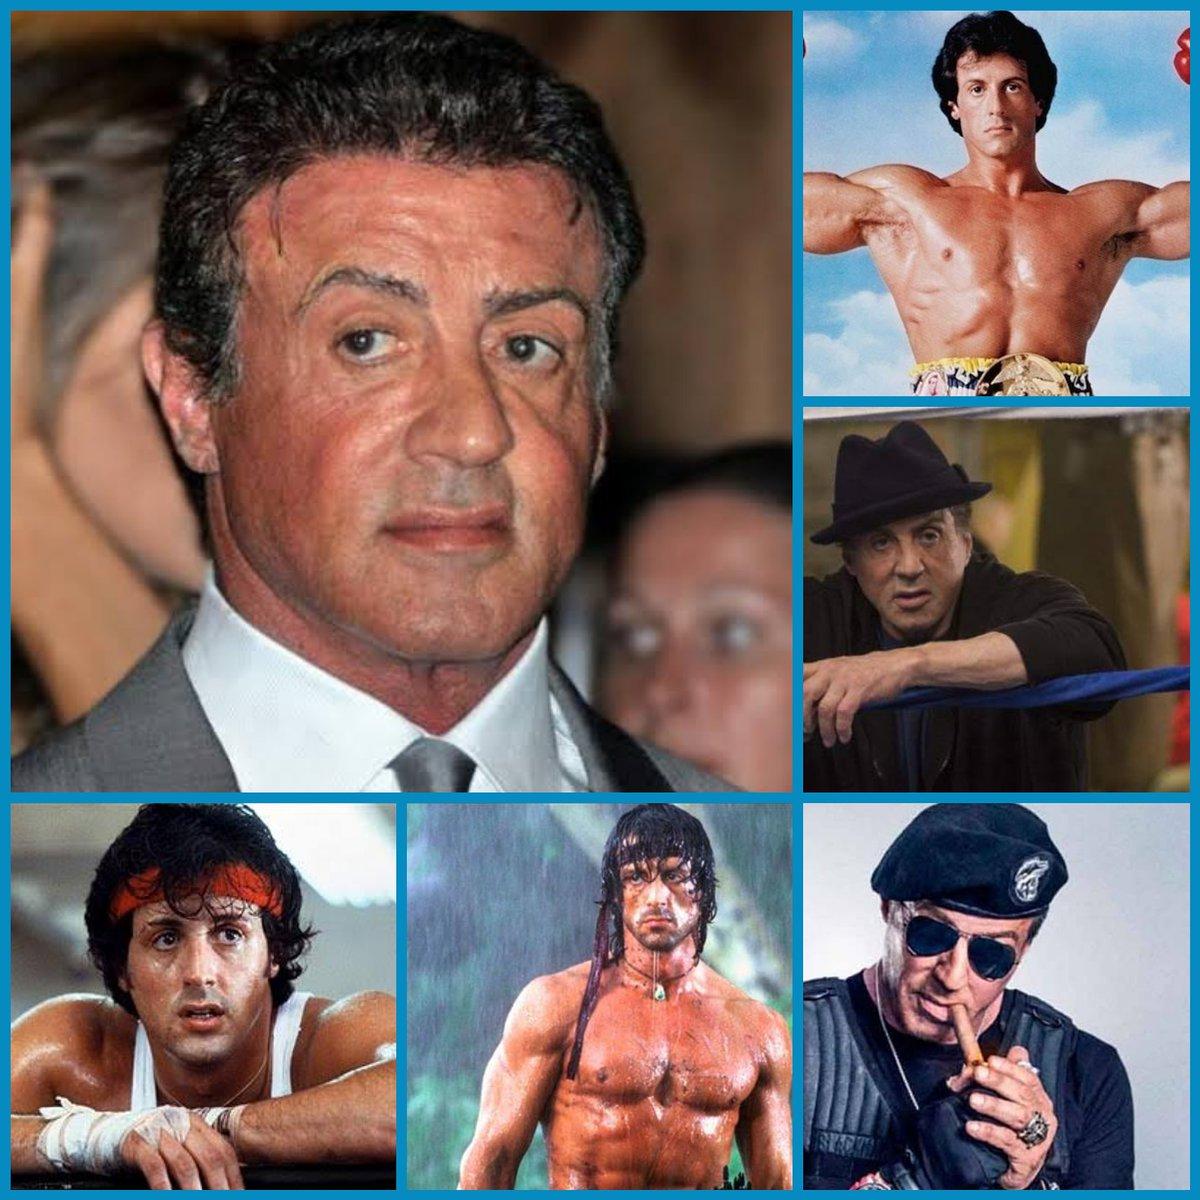 ¡FELIZ CUMPLEAÑOS!  Festejemos a Sylvester Stallone por sus 74 años. Este gran actor, reconocido por muchas películas de acción. ¿Donde lo recuerdas?  #sylvesterstallone #rambo #rockybalboa #rocky #stallone #slystallone #theexpendables #s #jasonstatham #creed #legend #slypic.twitter.com/bMUQNPjBqN